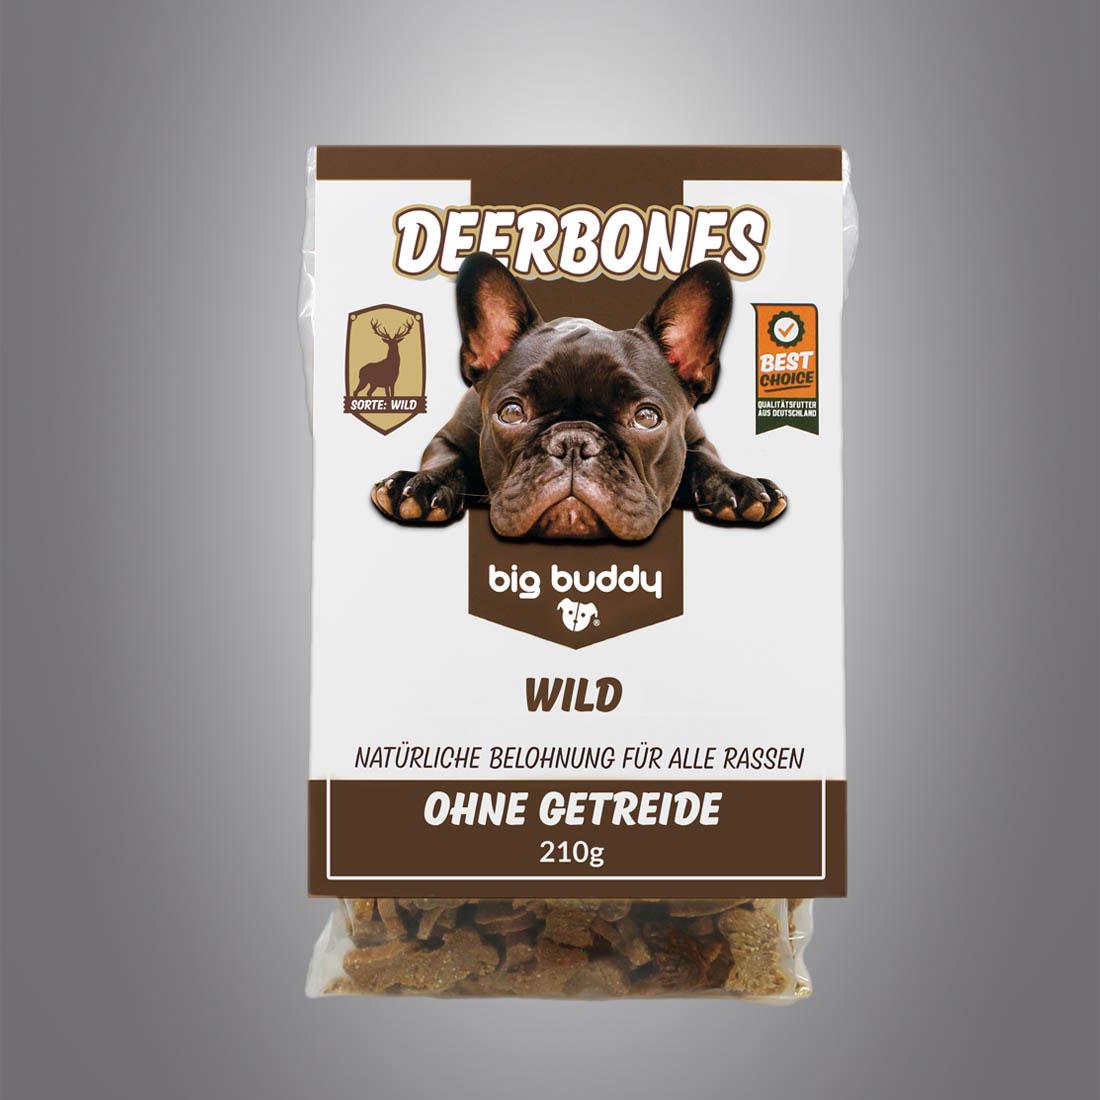 Big Buddy Deerbones